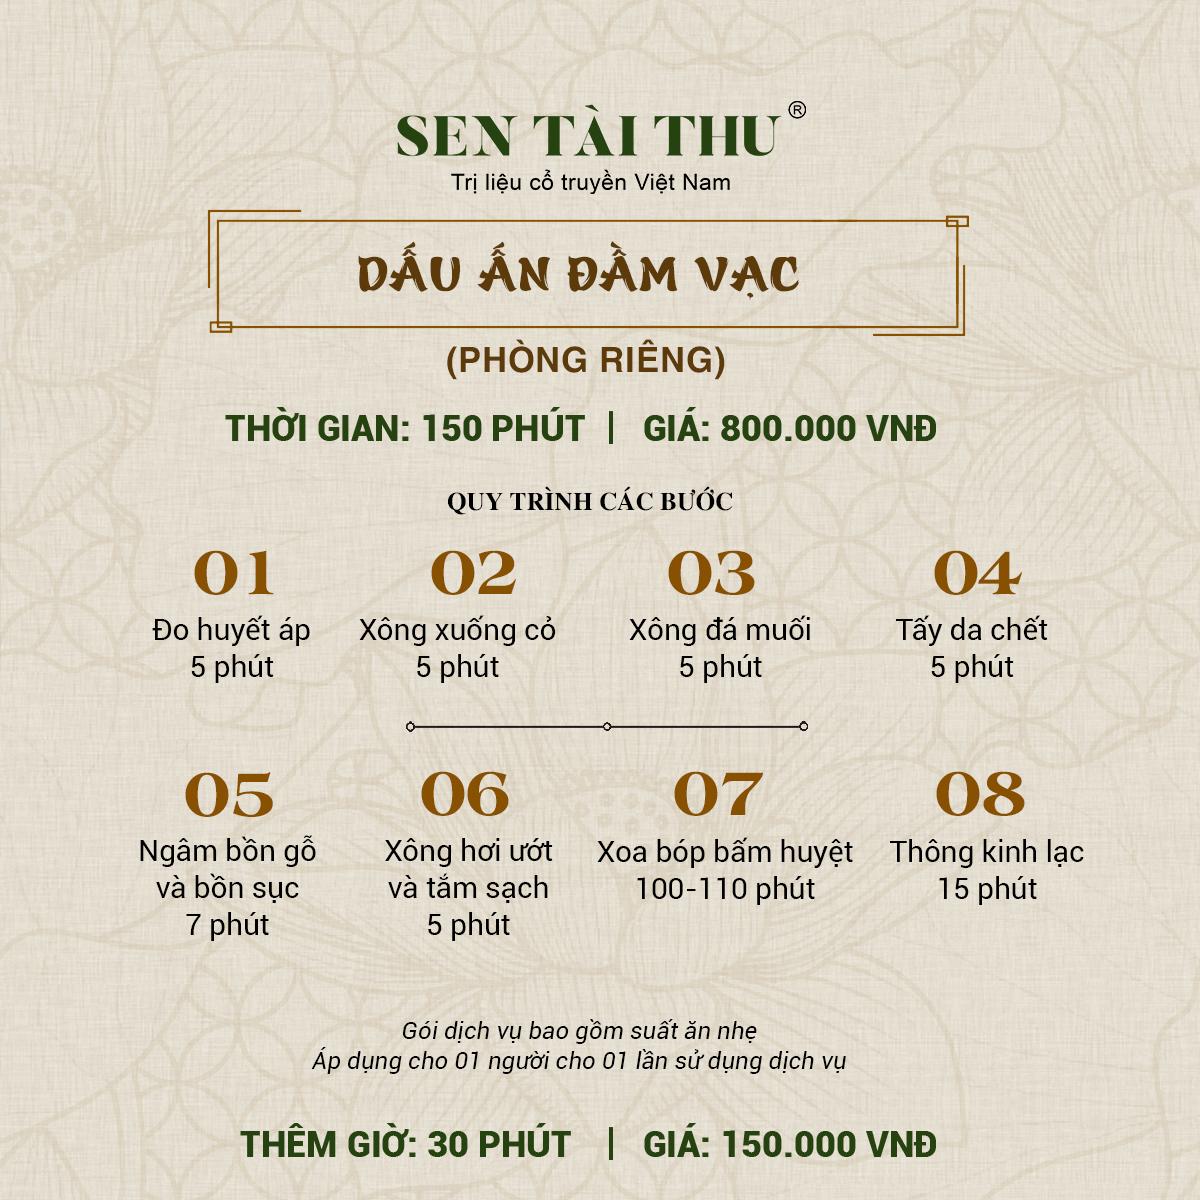 Bảng giá Sen Tài Thu Vĩnh Phúc - Phòng riêng 150 phút